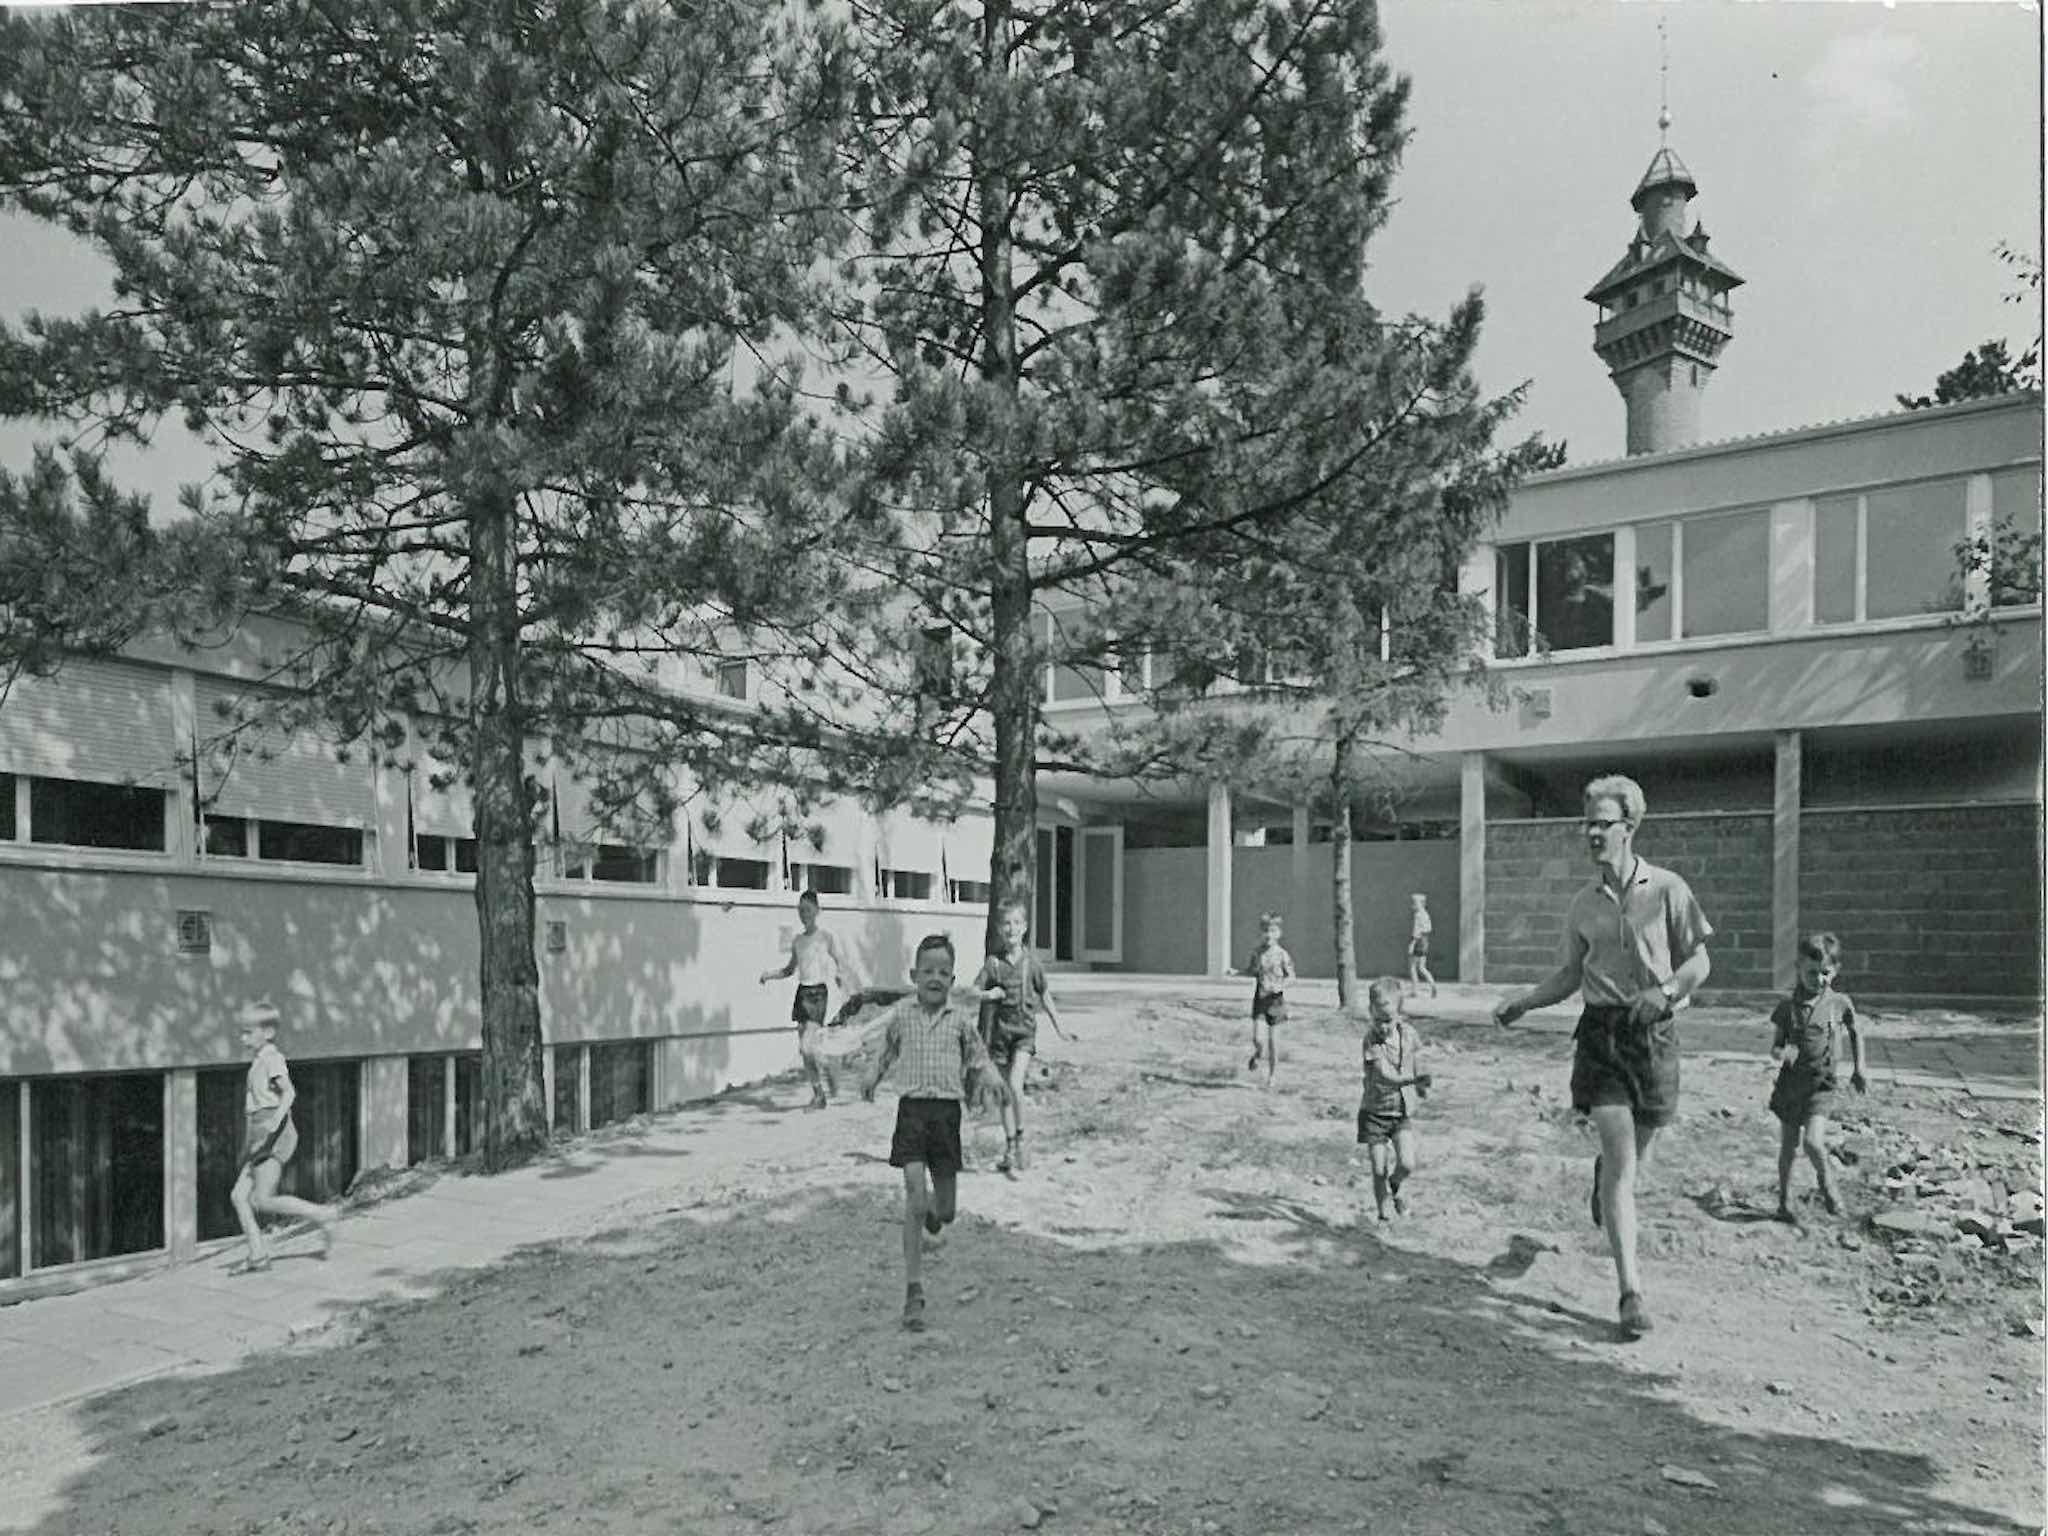 Spielende Kinder in der Stadtranderholung Frankenwarte 1960. Foto: Archiv AWO Unterfranken